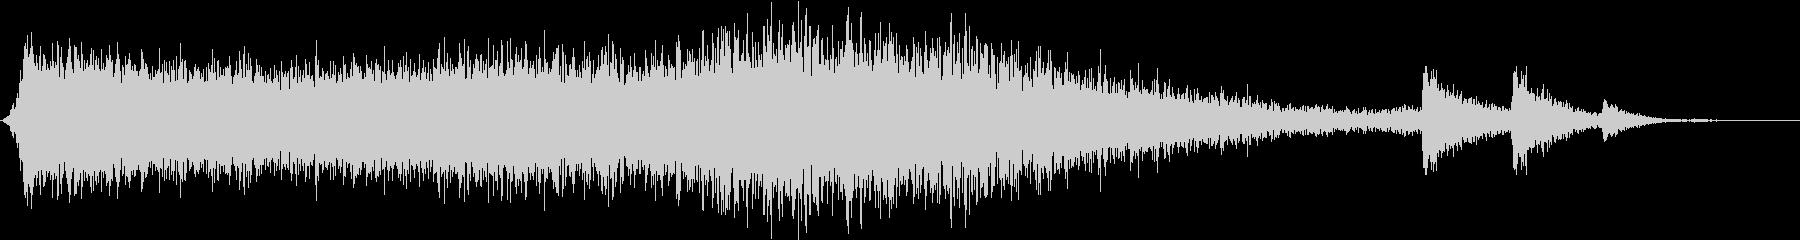 【ホラーゲーム】サウンドスケイプ_02の未再生の波形